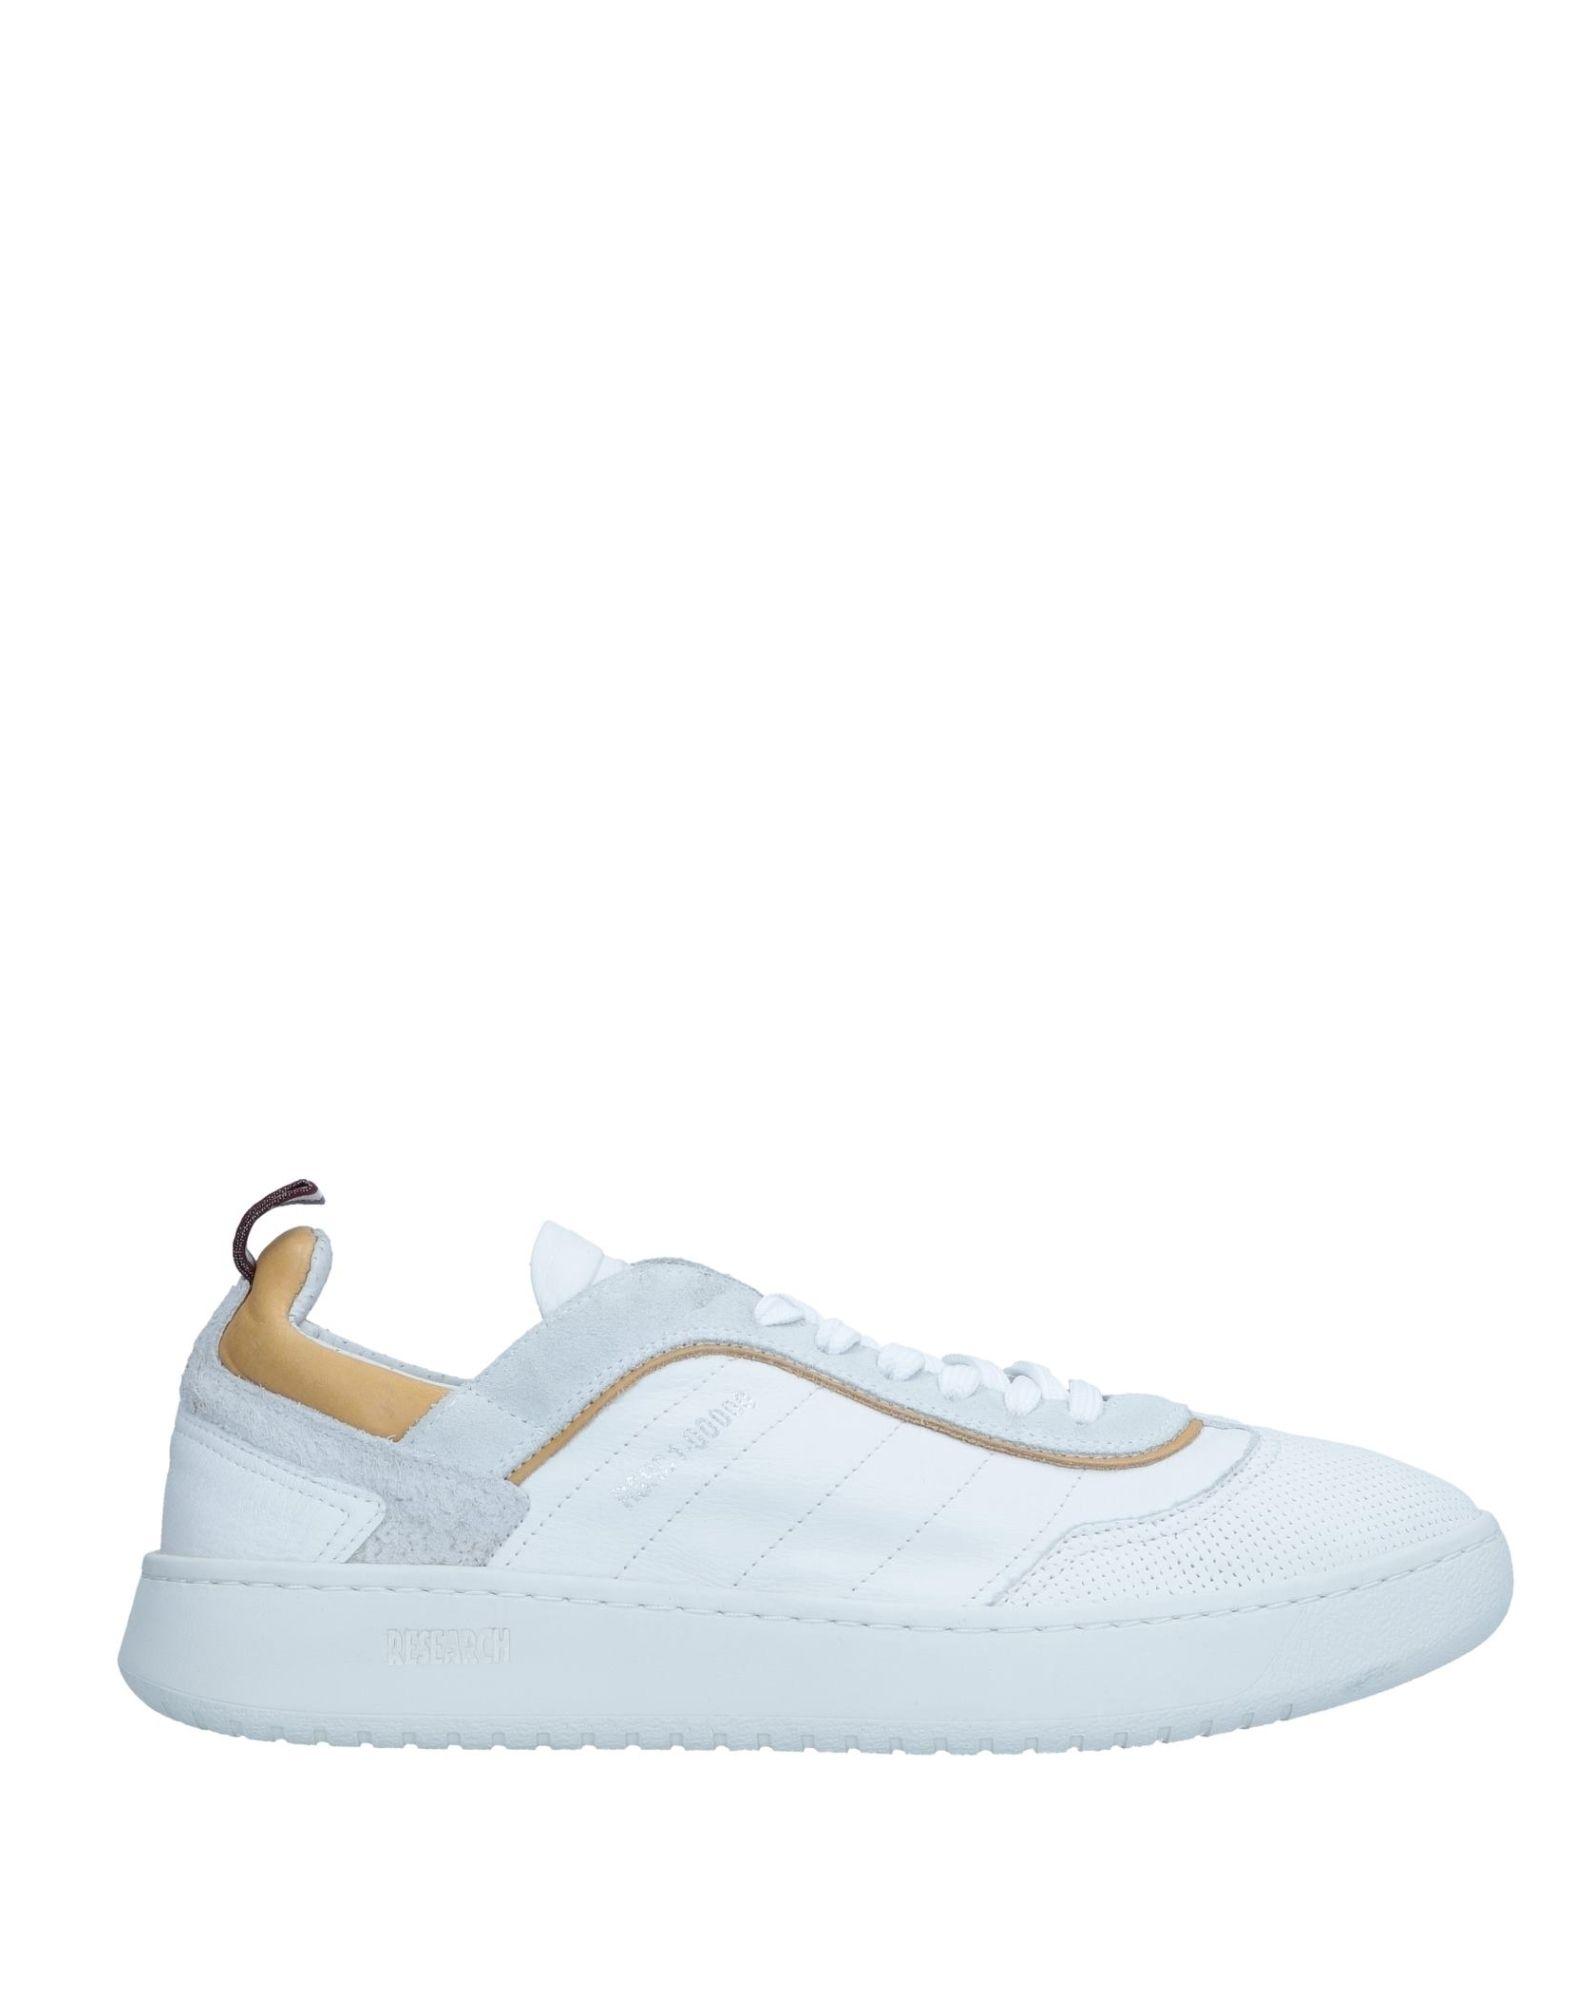 Rabatt echte Schuhe Colmar Sneakers Herren  11546480NI